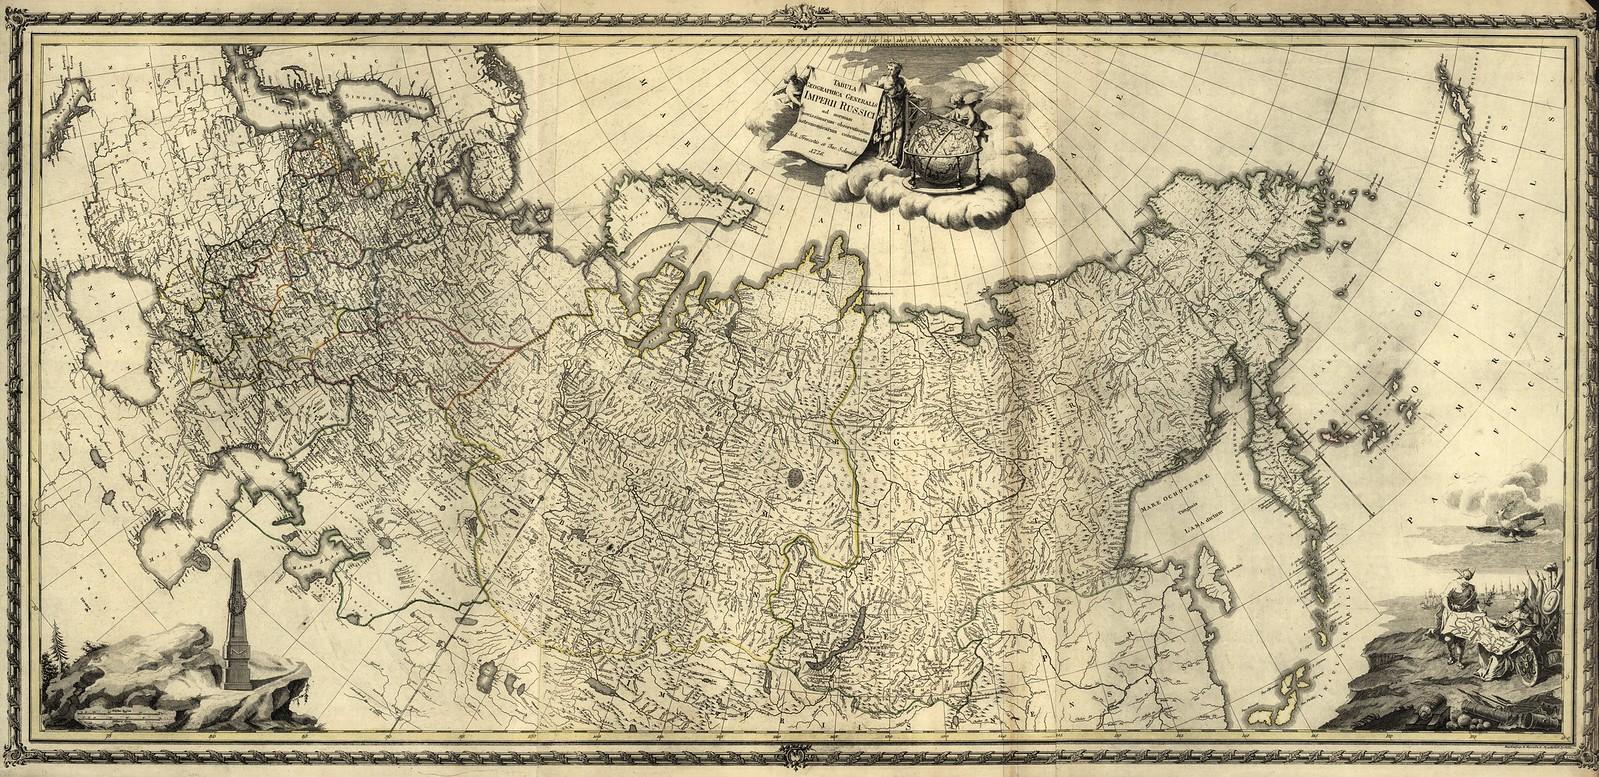 1716_Tabula geographica generalis Imperii Russici ad normam novissimarum observationum astronomicarum concinnata